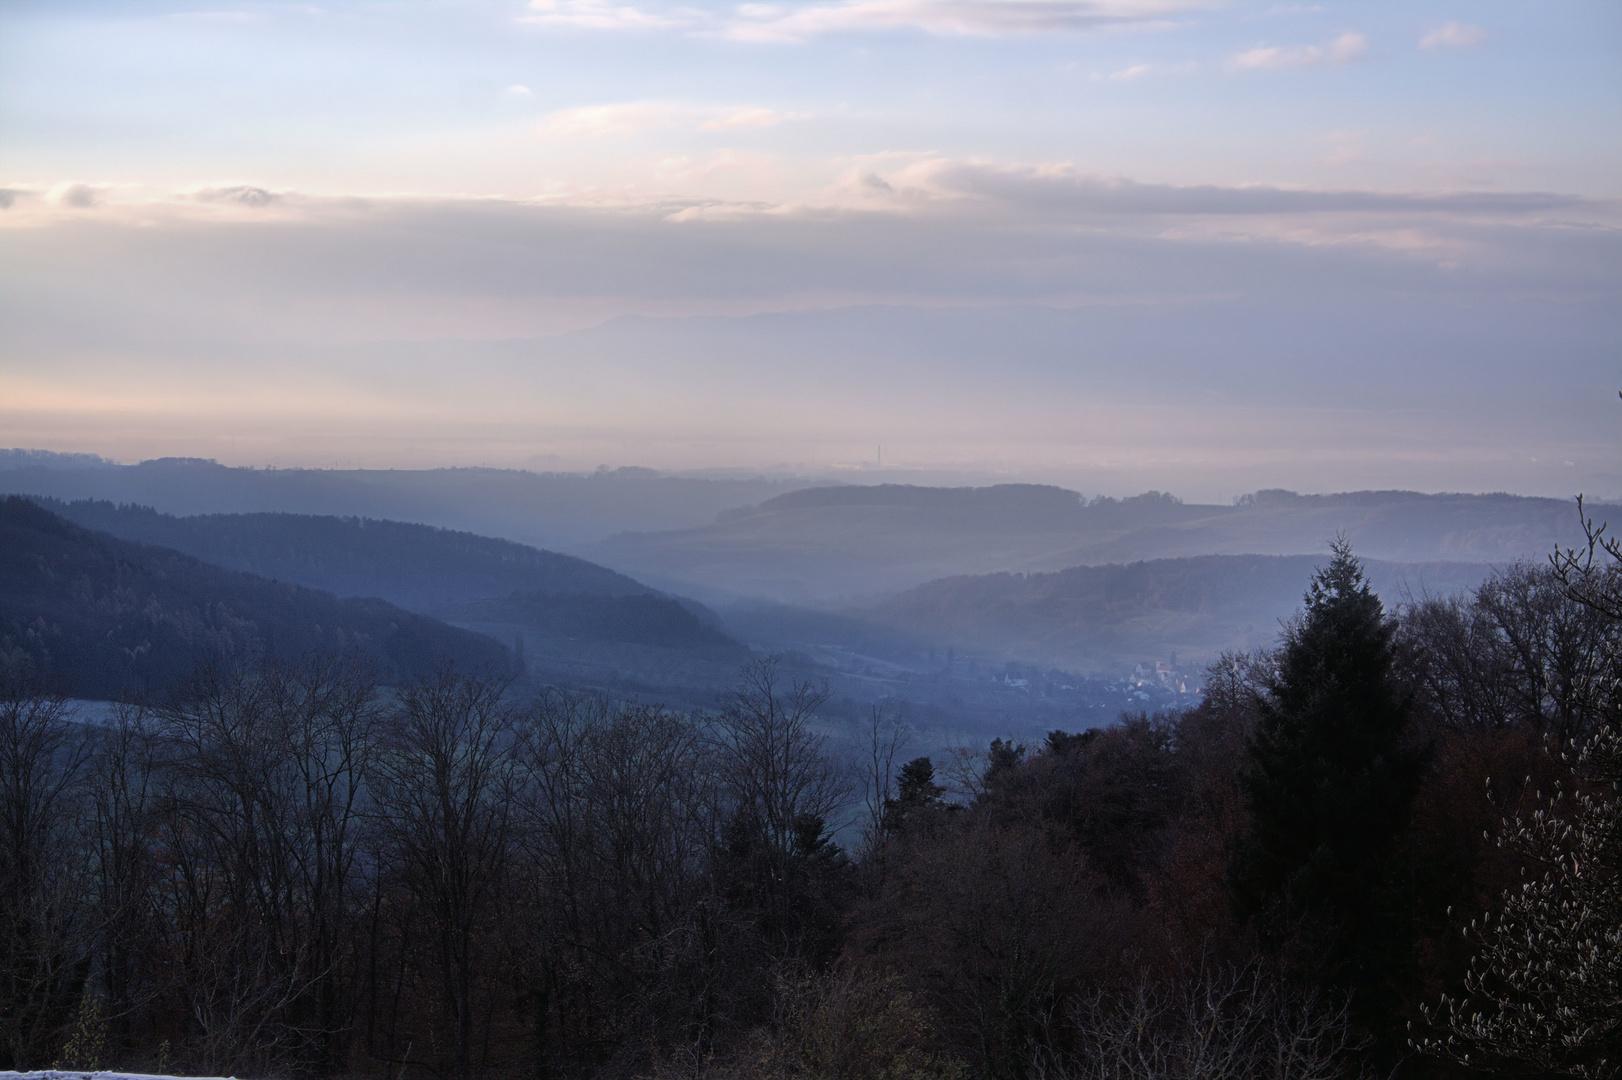 Dämmerung im Markgräflerland, Eggener Tal, Schloß Bürgeln, Oberrheinebene #4